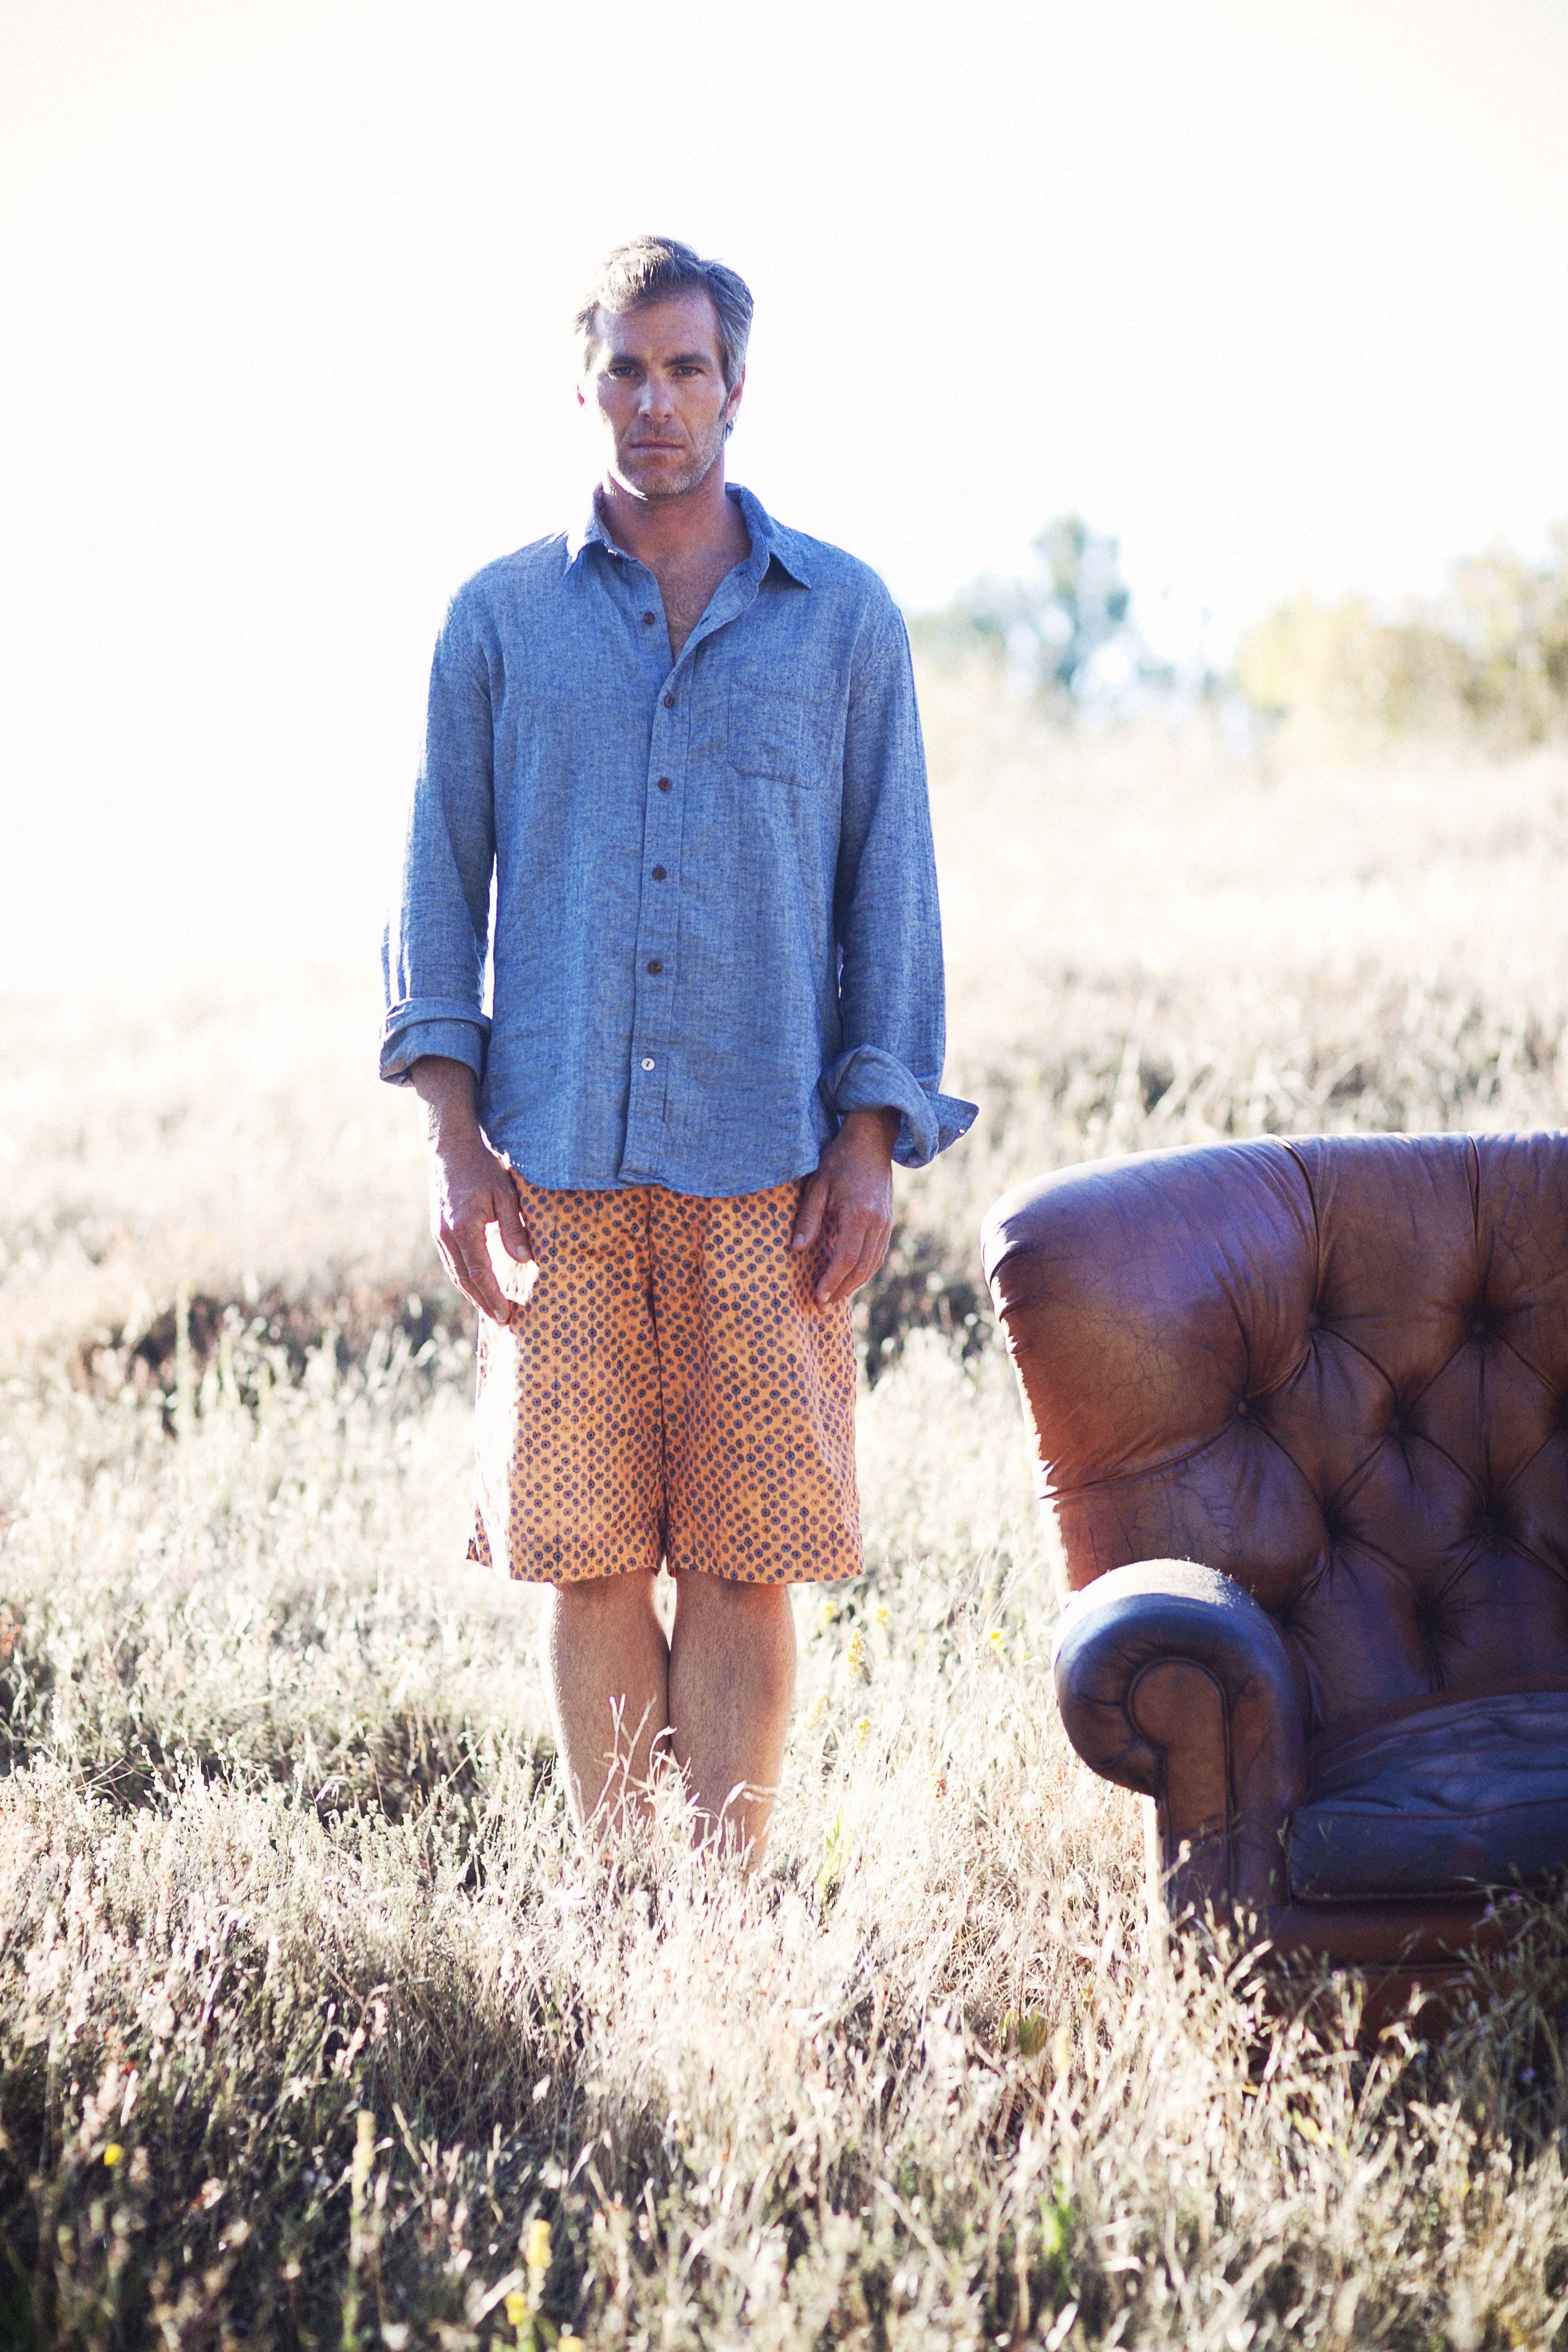 Men's best summer shorts, www.oldbullleee.com